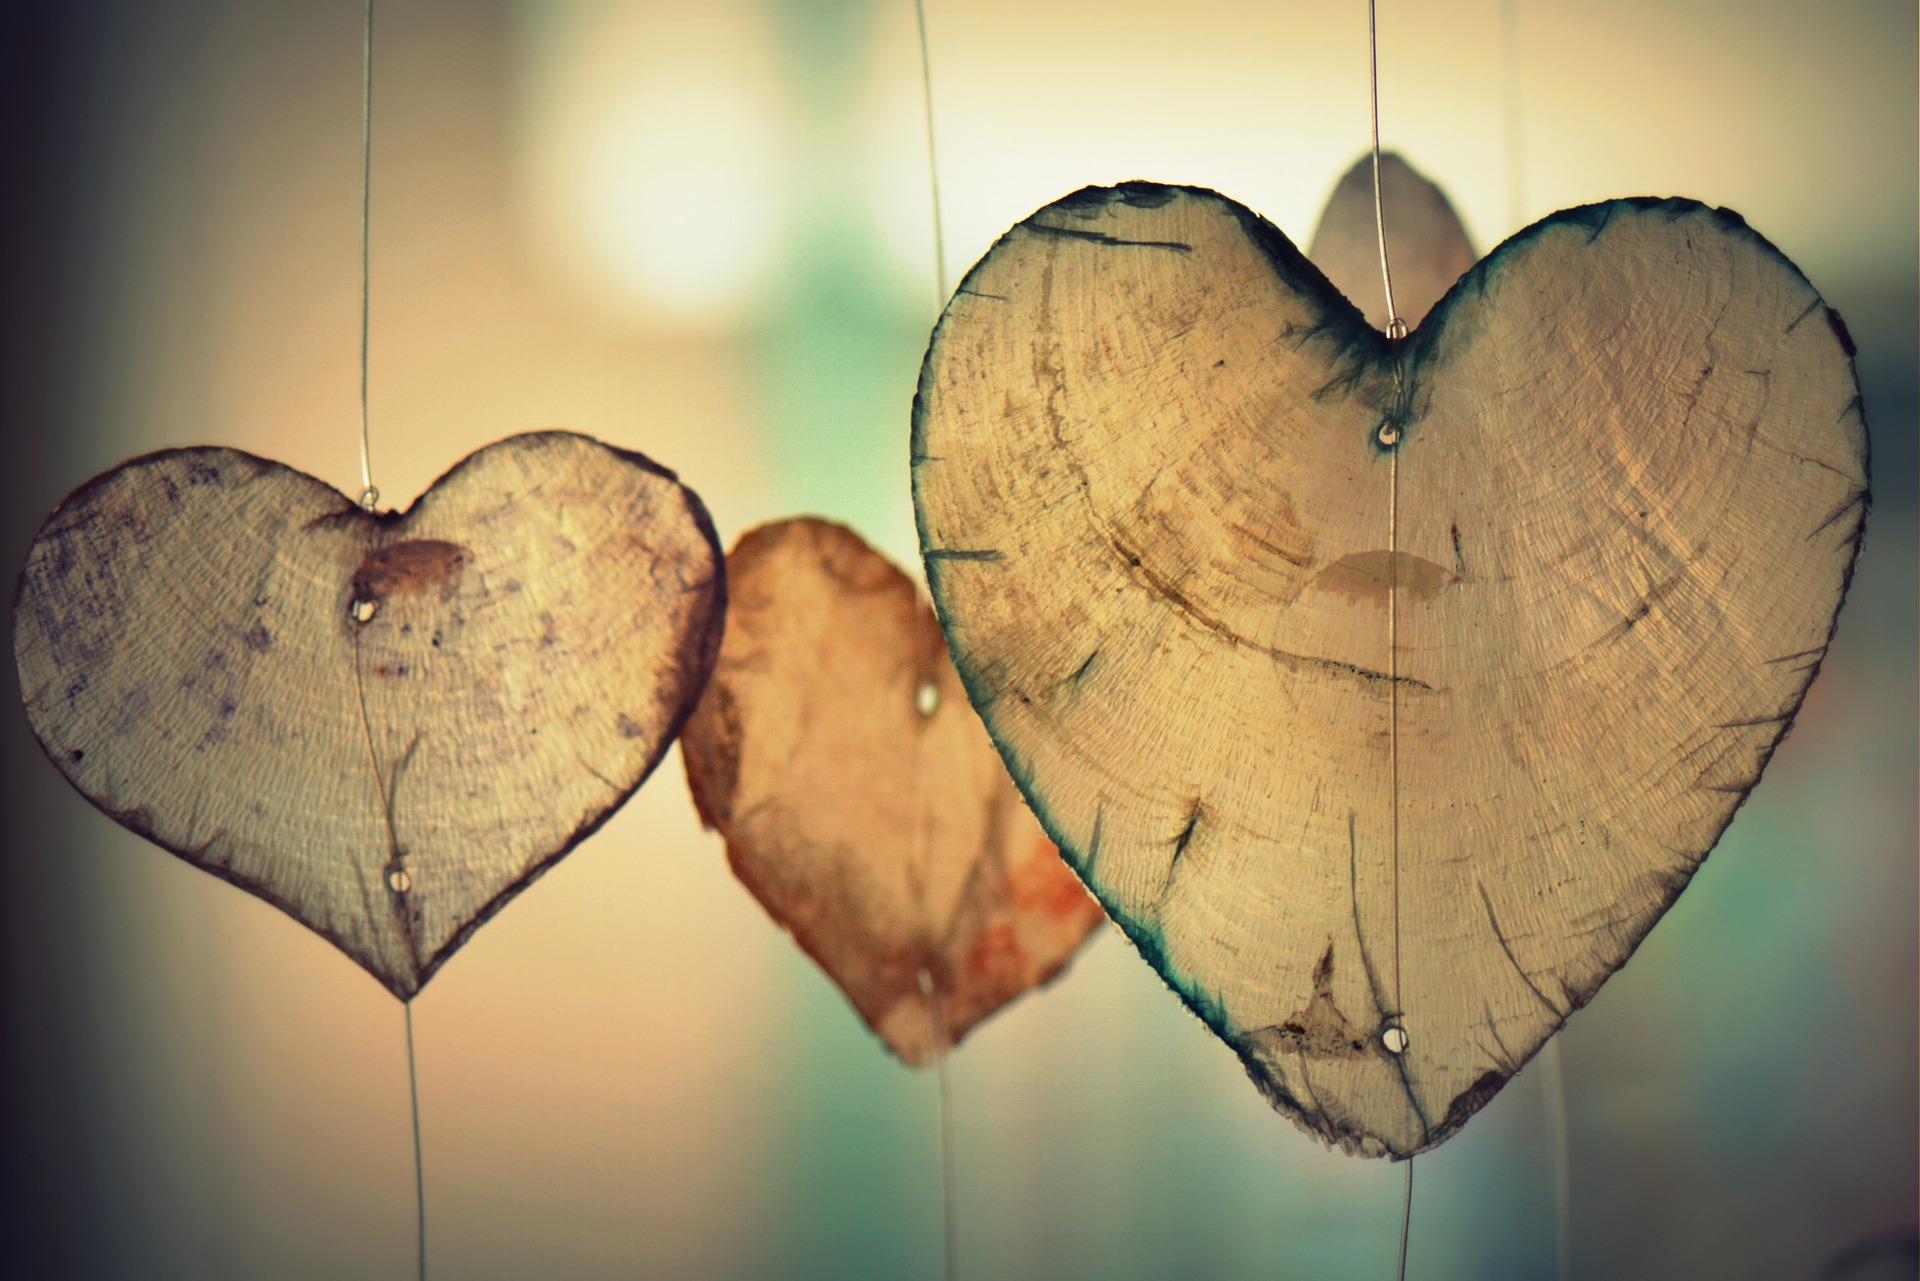 Elsk dig selv trods spiseforstyrrelsen